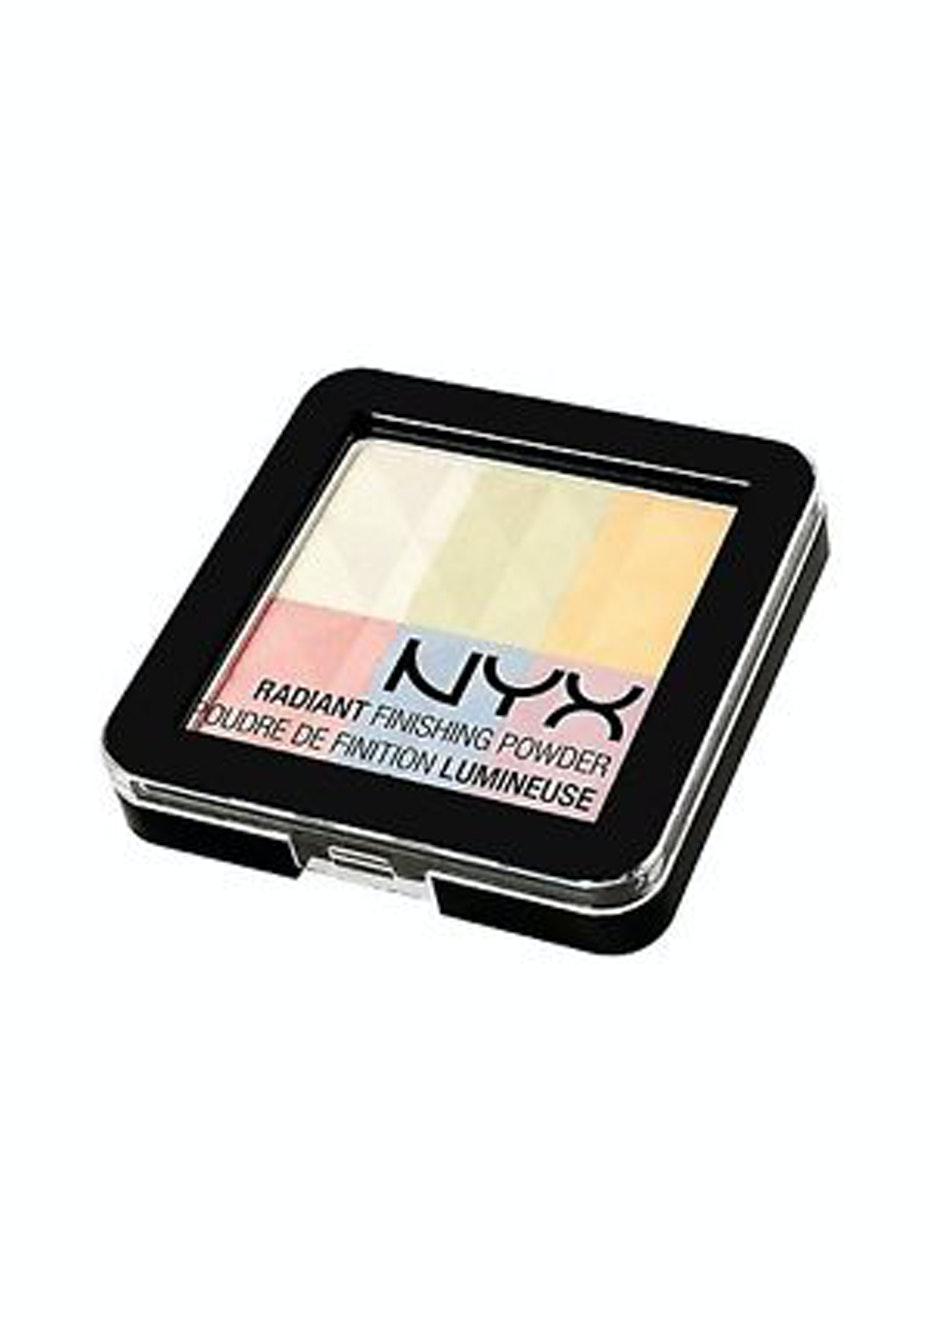 NYX - Radiant Finishing Powder